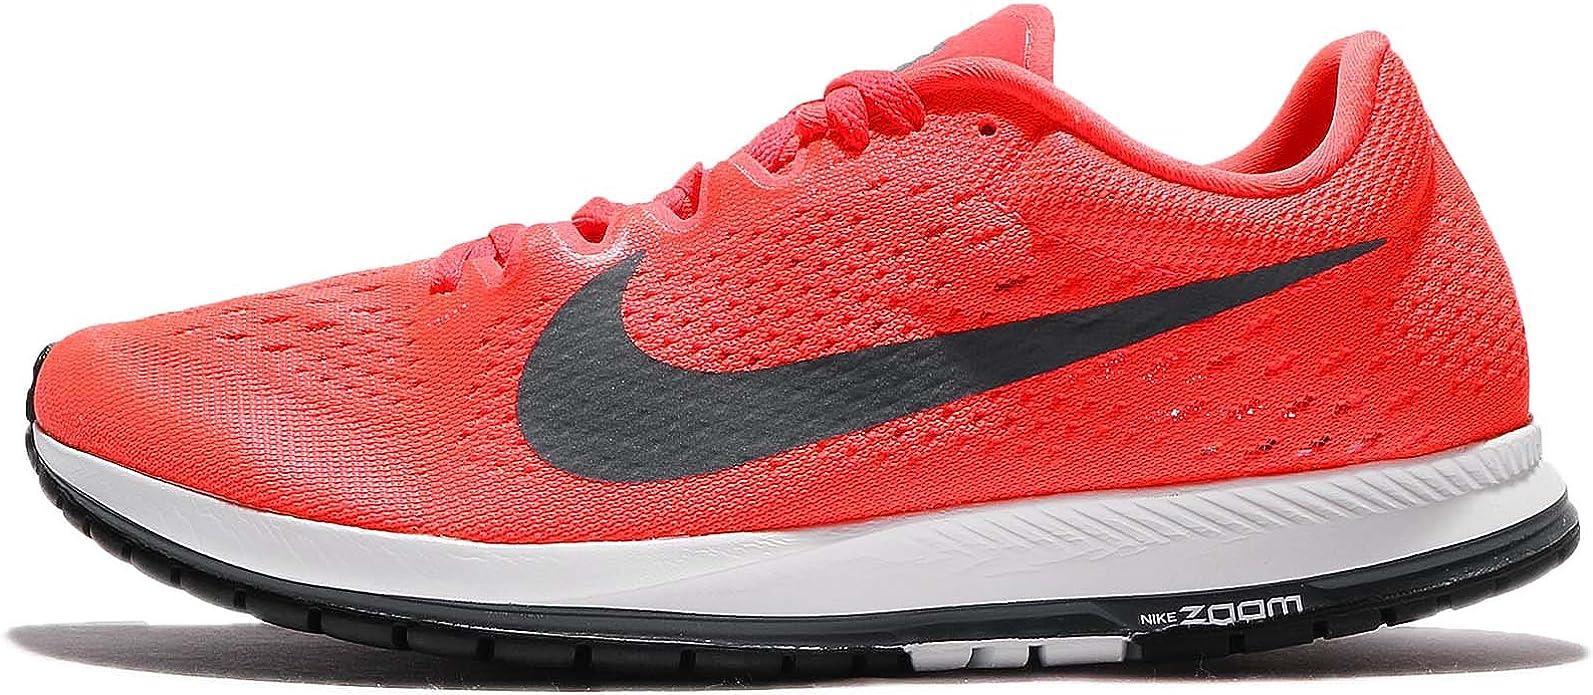 Nike Zoom Streak 6 Zapatillas de campo y pista para hombre, 7 M US, Rojo/Azul: Amazon.es: Deportes y aire libre